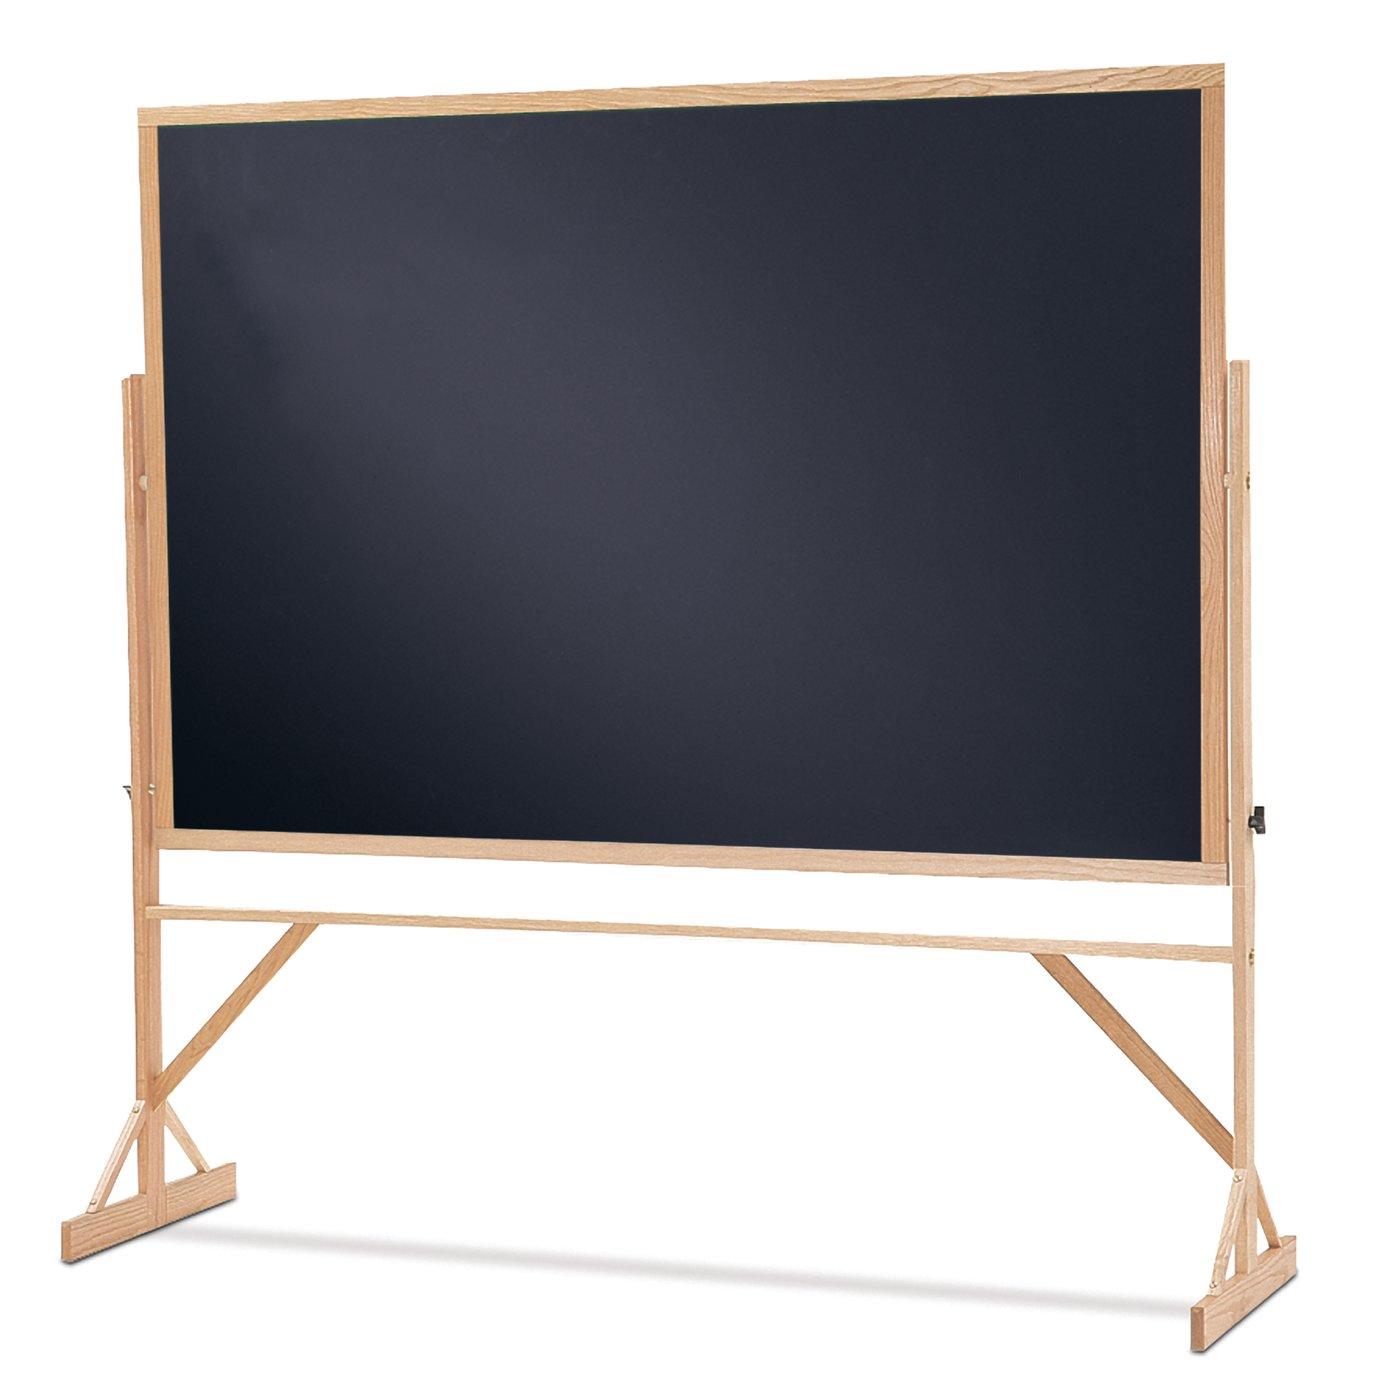 Quartet - Educational Products - Educational Mobile Boards - Quartet ...